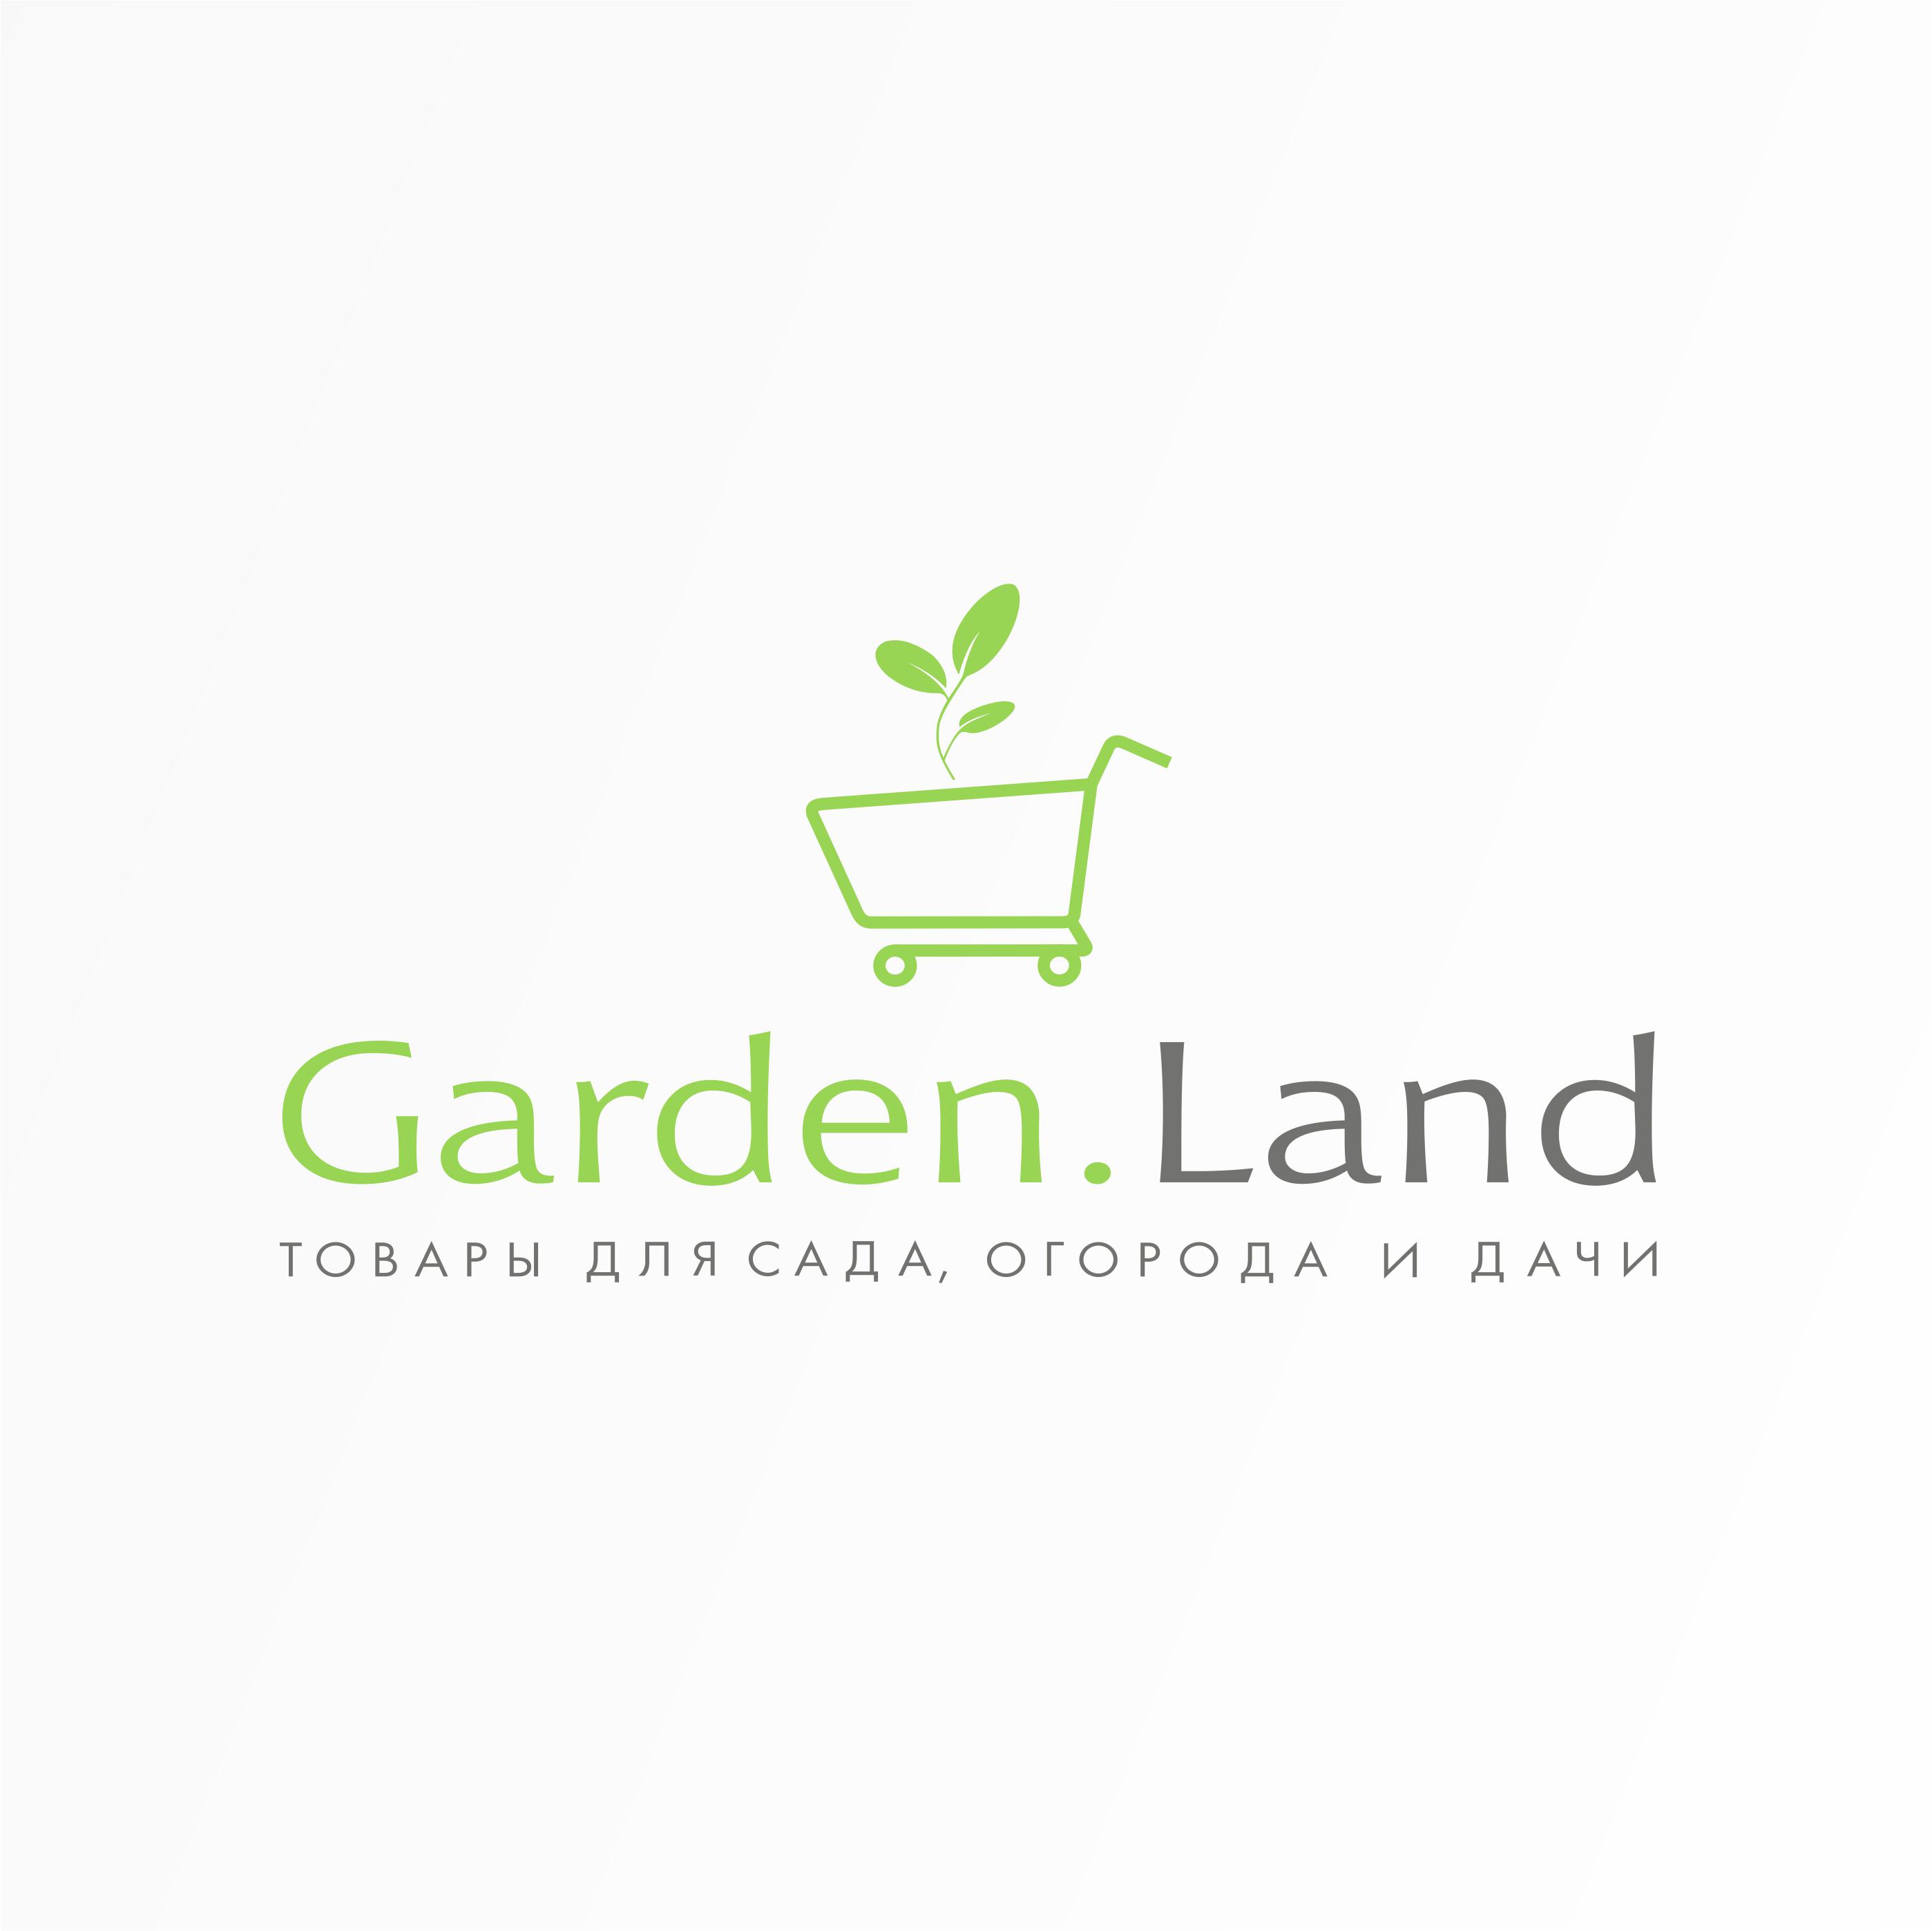 Создание логотипа компании Garden.Land фото f_9325986e77942c9d.jpg